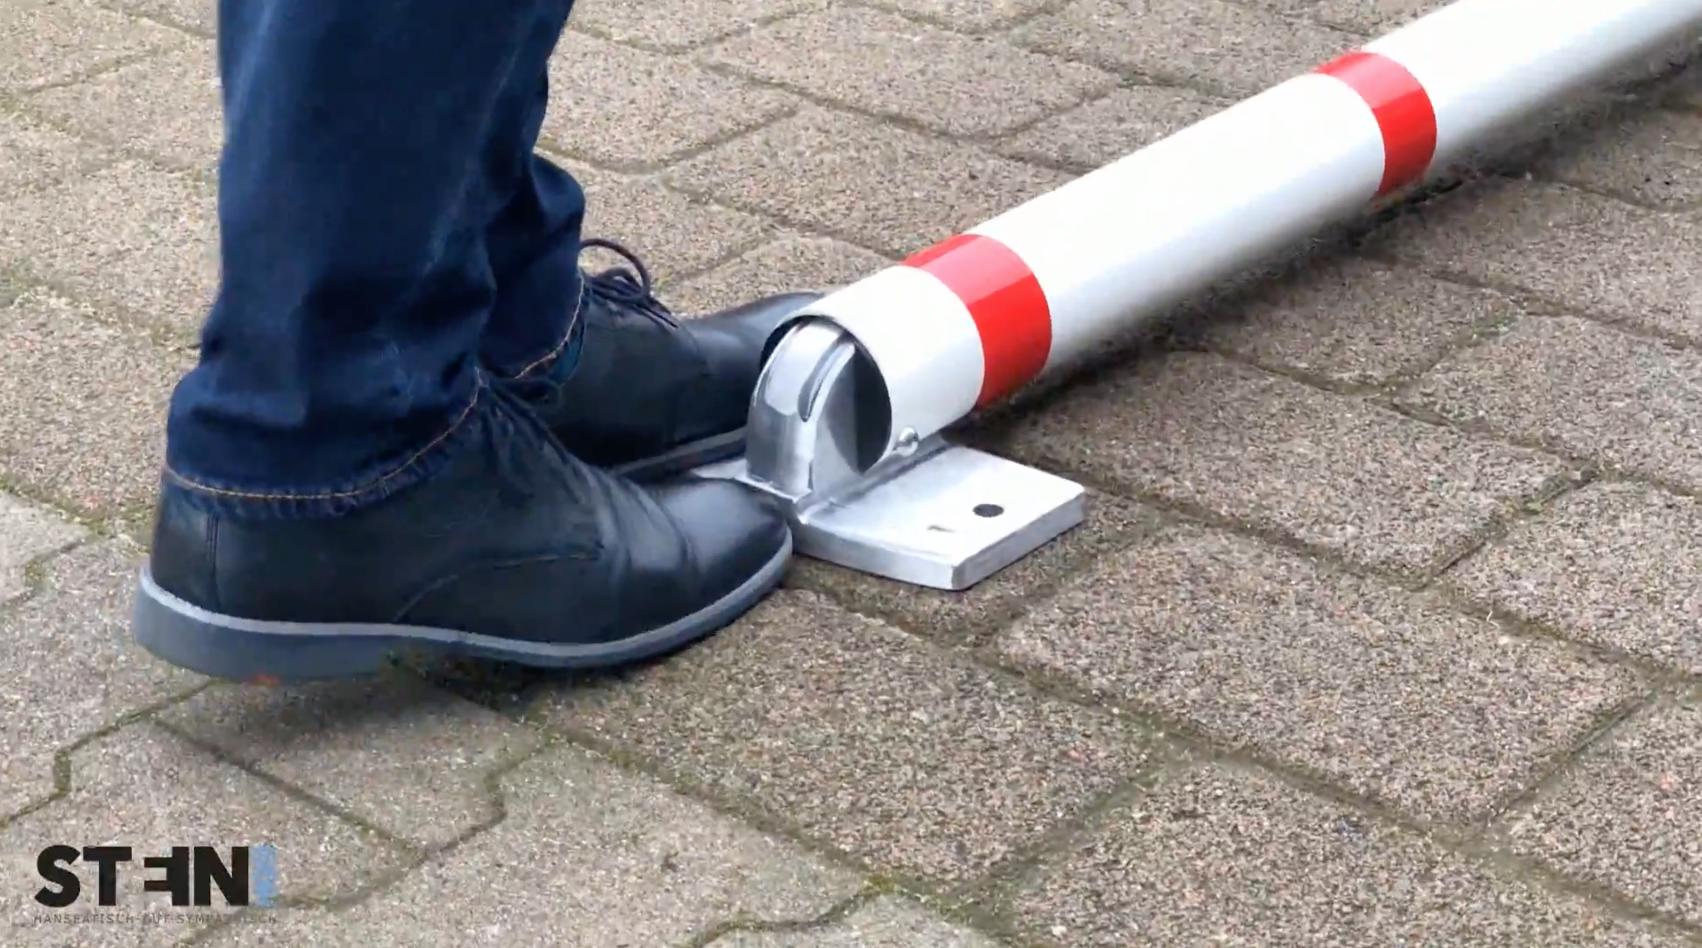 """selbstaufrichtende parkplatzsperre """"acero""""! #parkplatzsperre"""